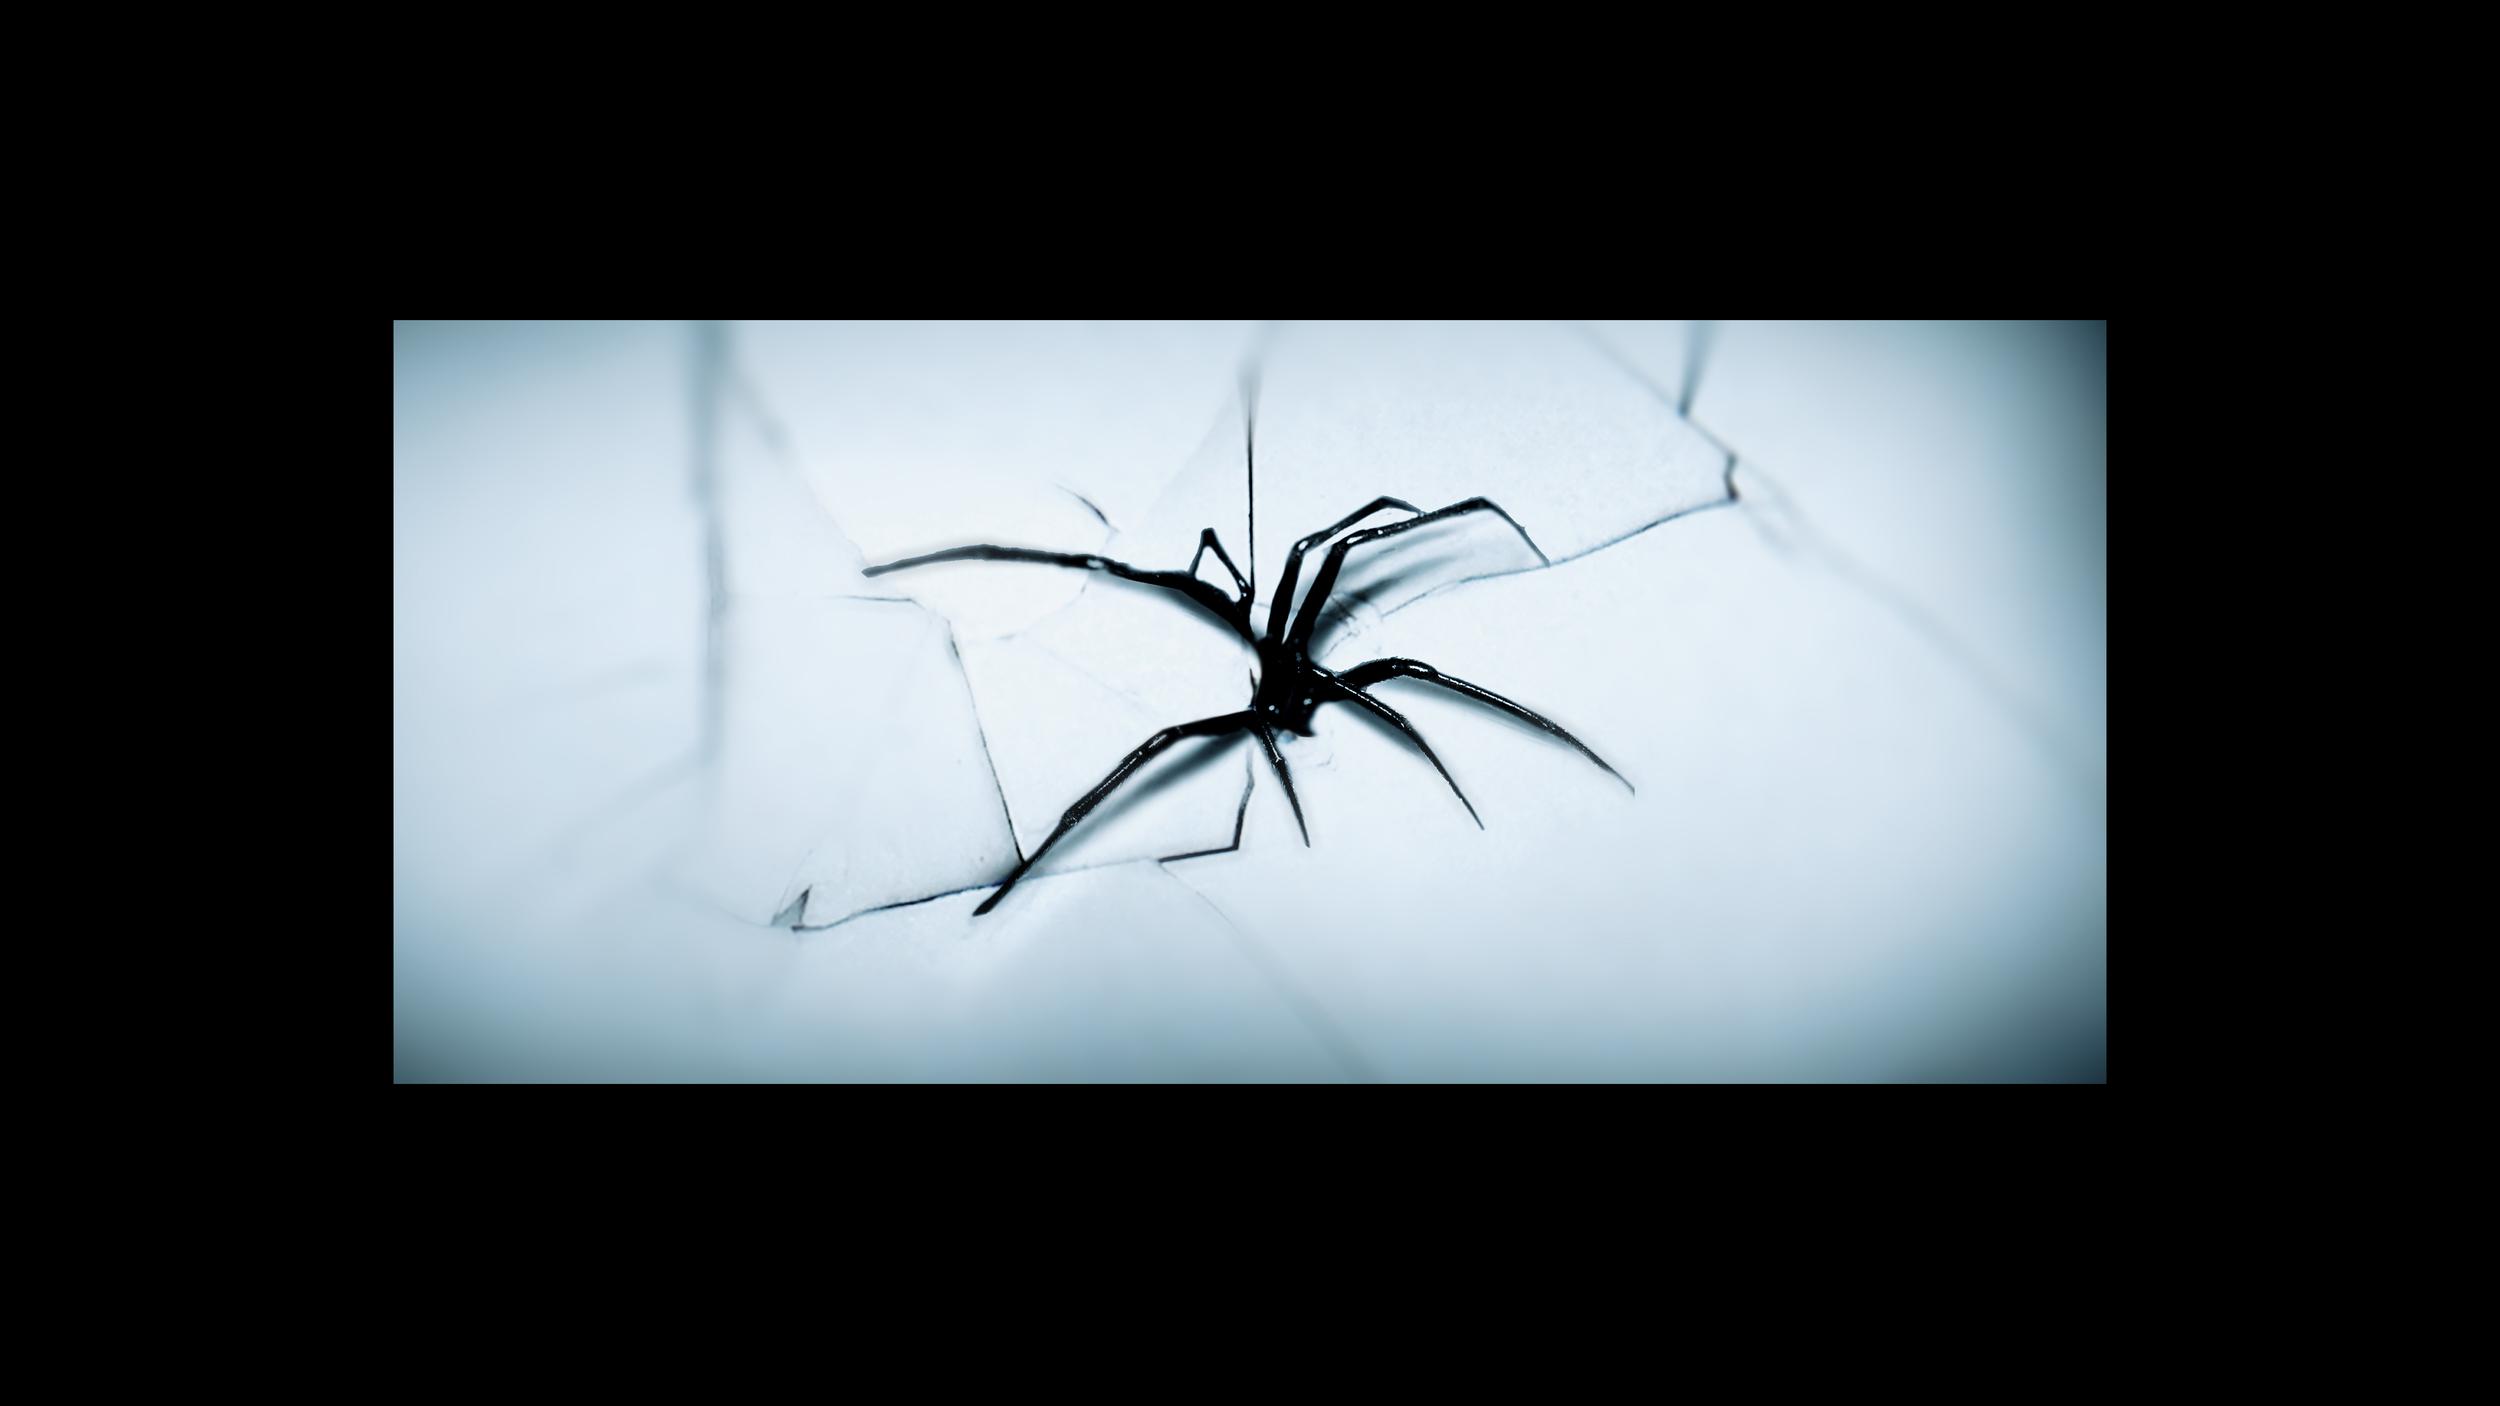 Lauren-Indovina-Penny-Dreadful-Titles-PSYOP-Concept-Art-Delicate-Spider.jpg